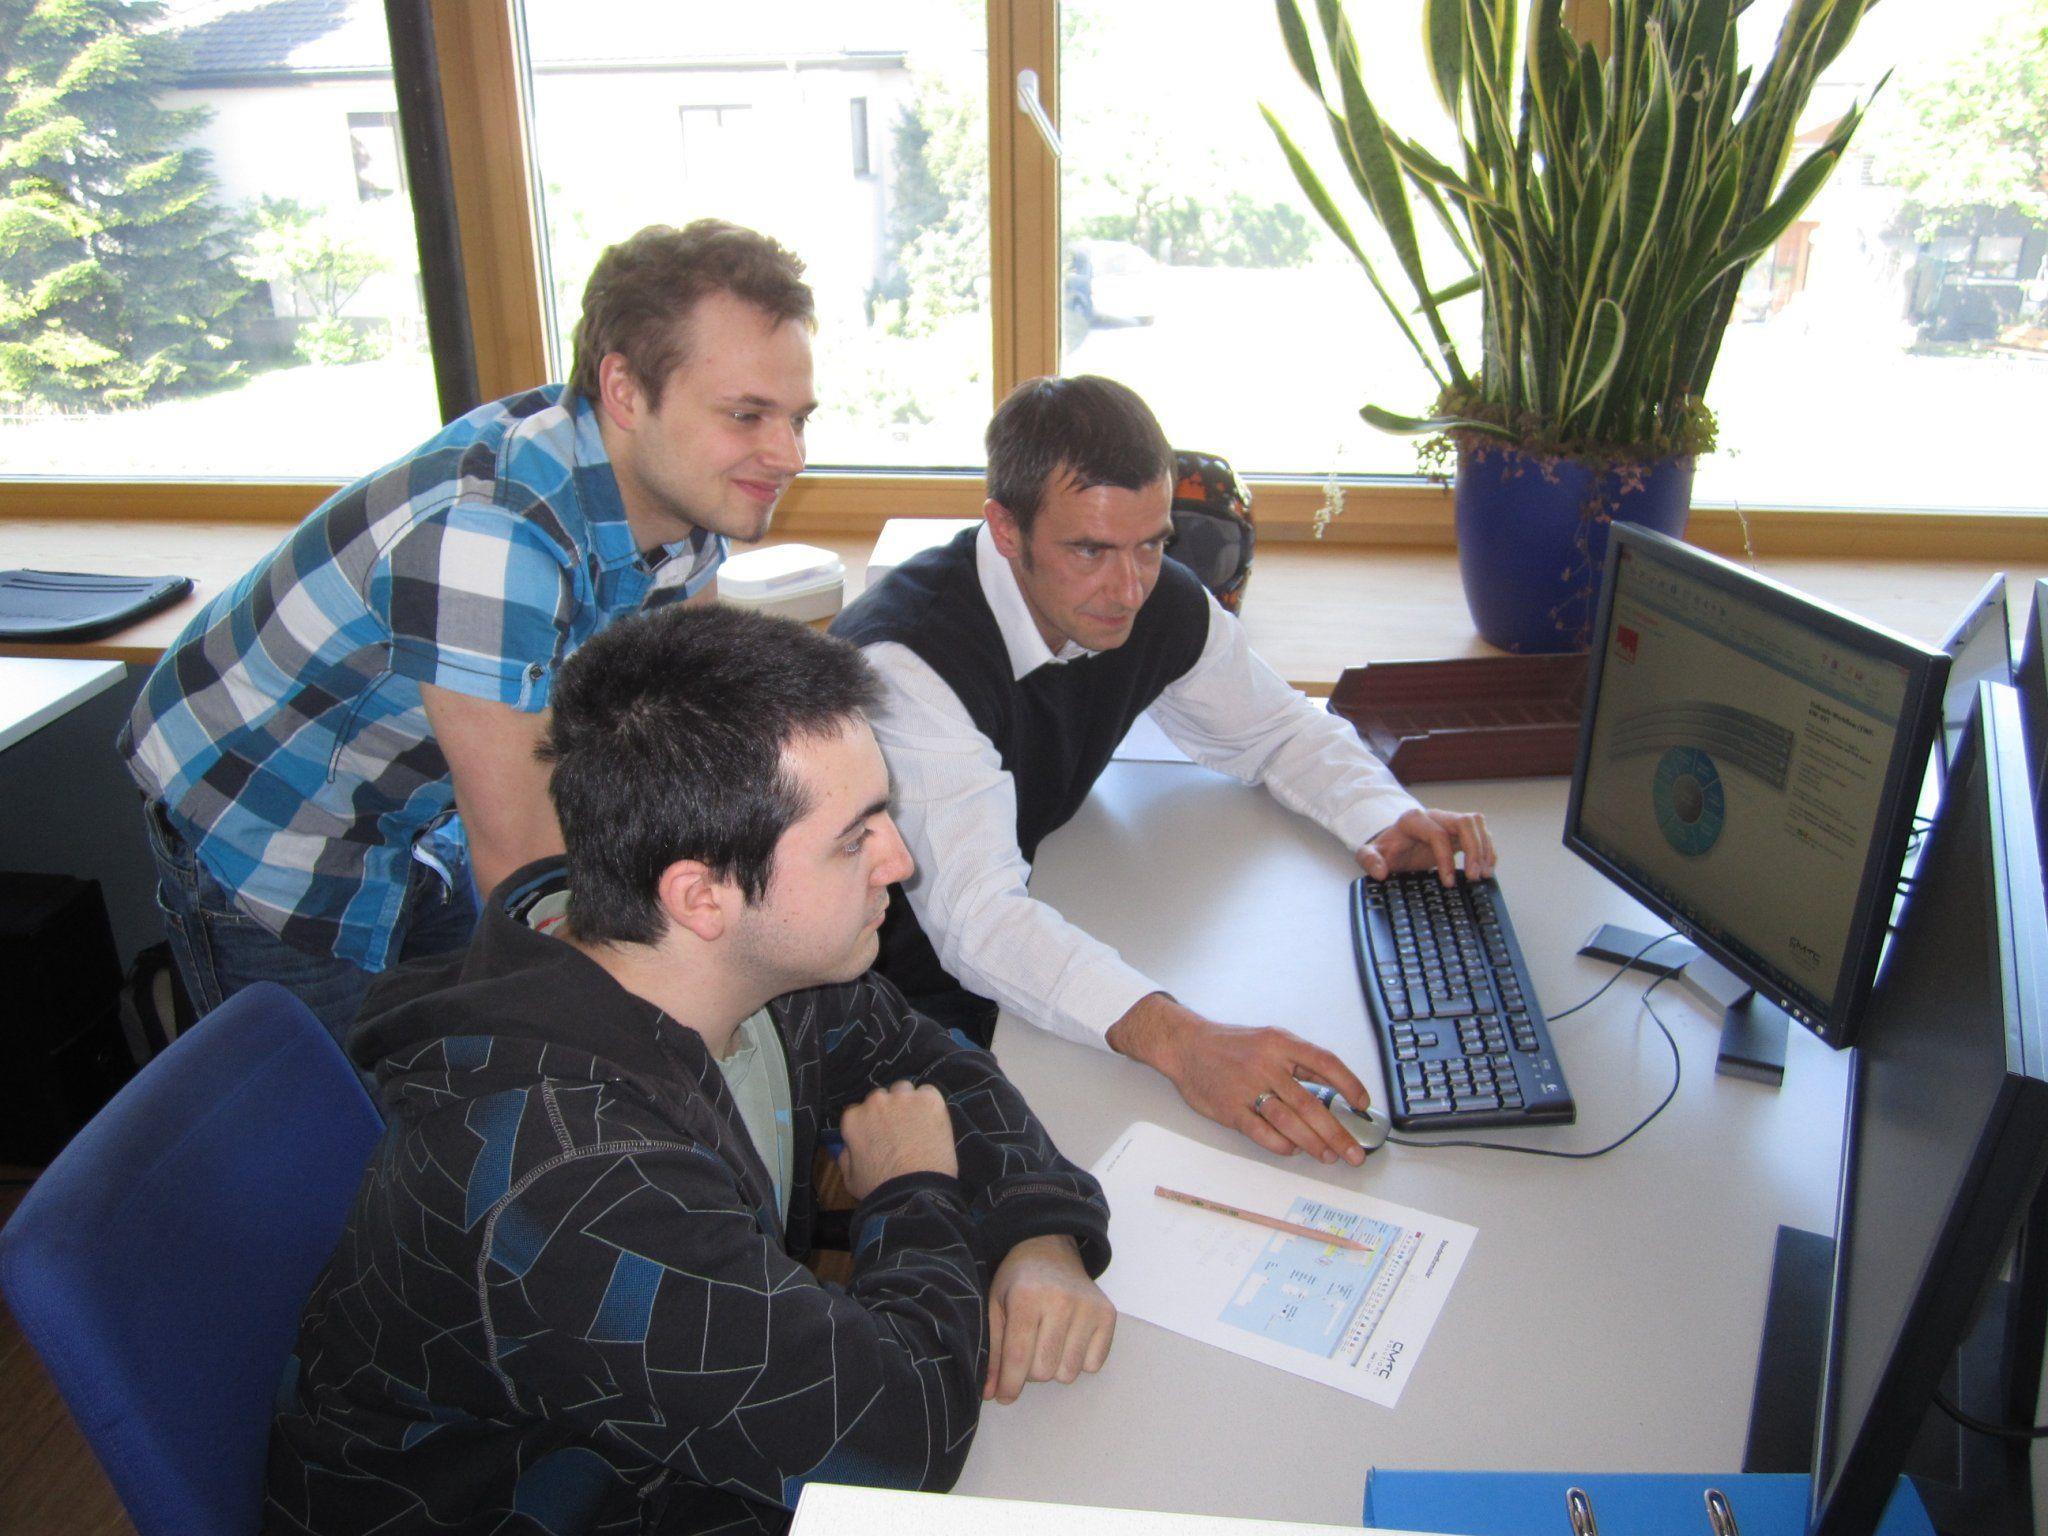 Sie entwickeln Management-Systeme für verschiedenste Unternehmen